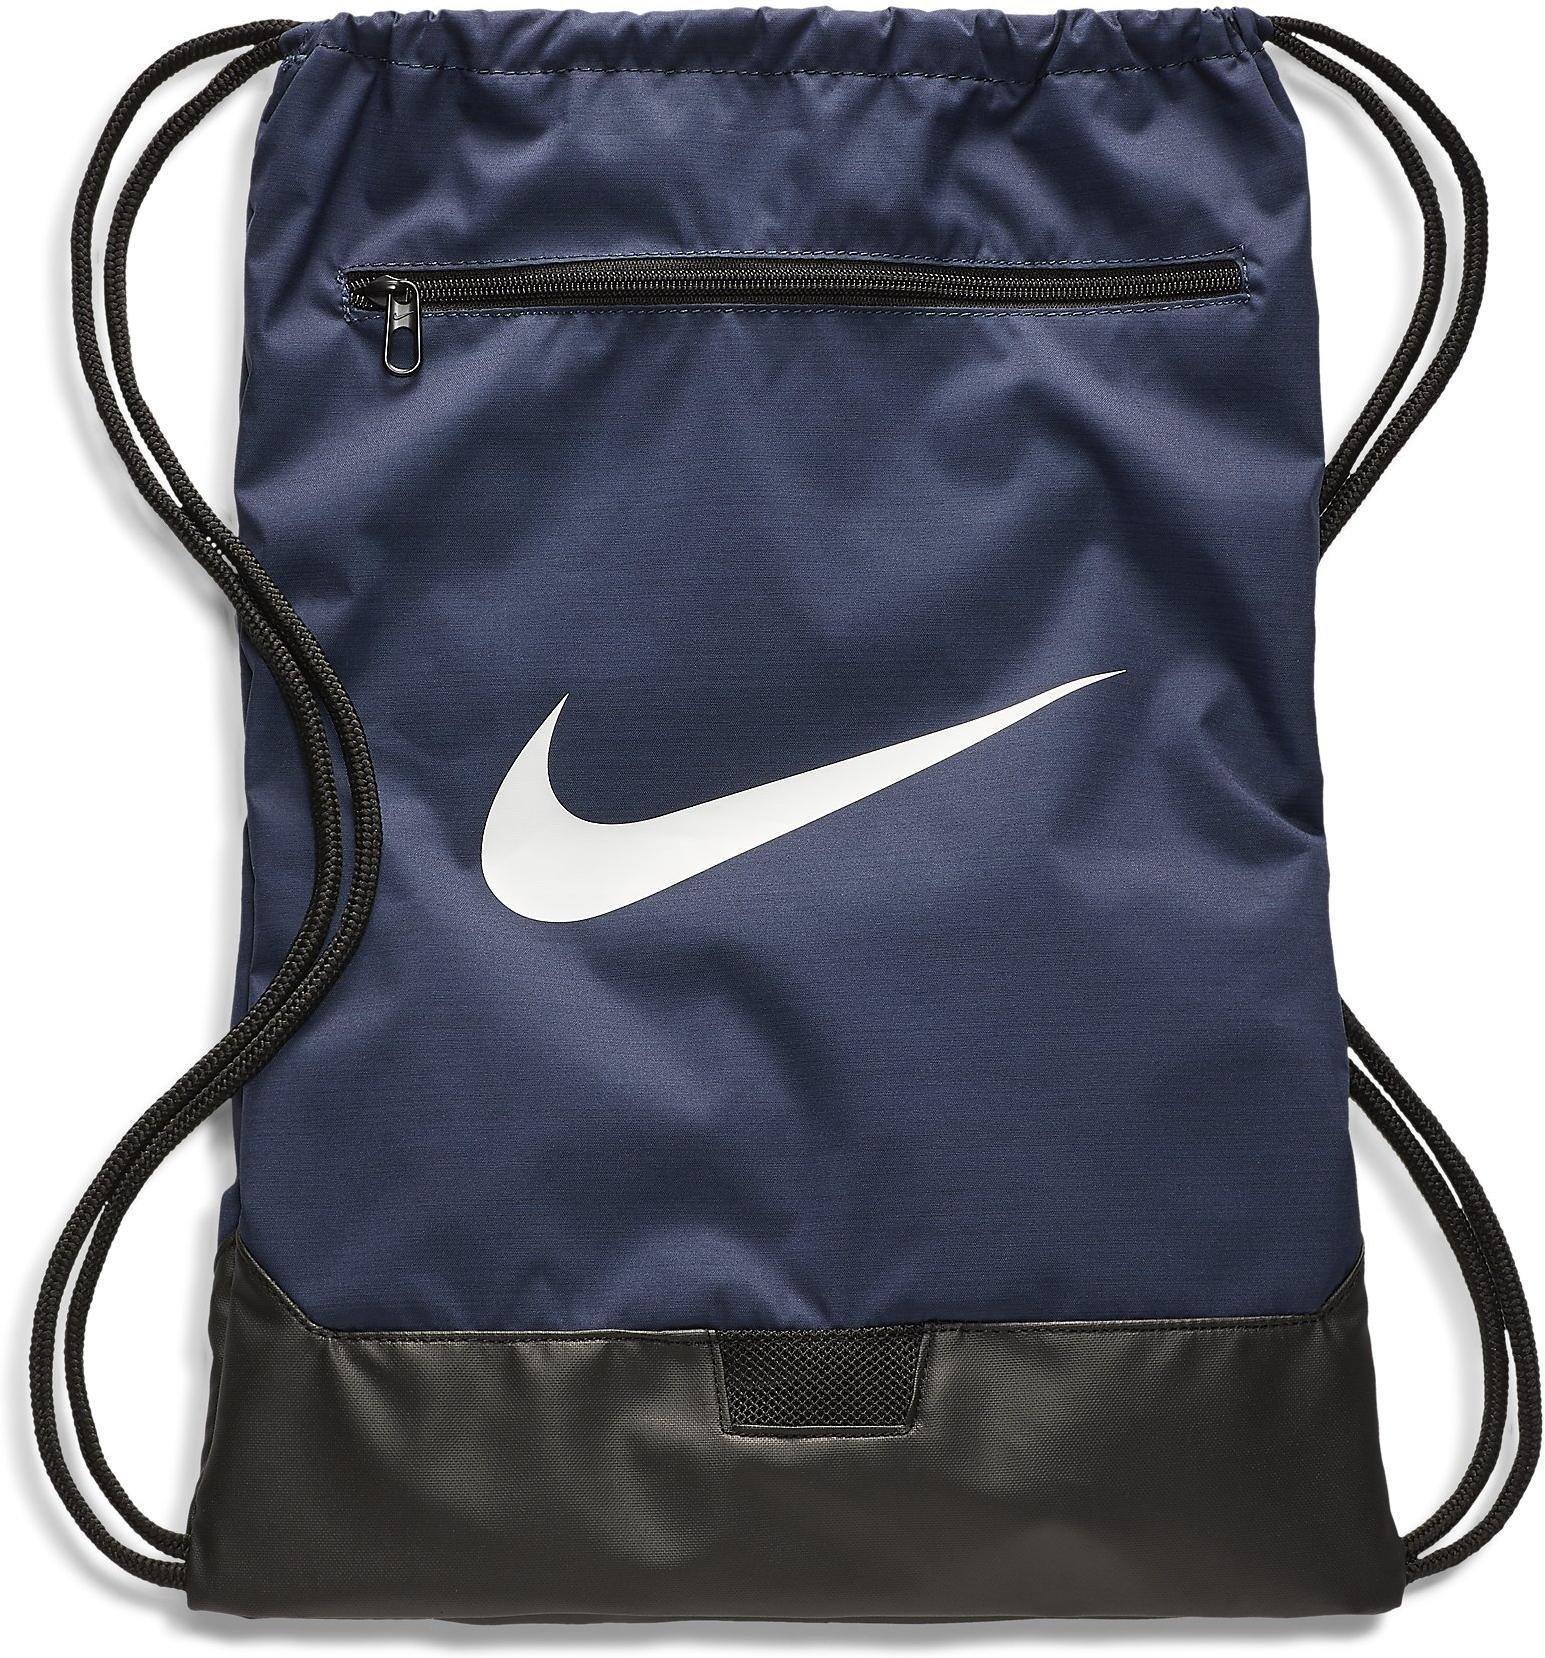 Sportbeutel Nike NK BRSLA GMSK 9.0 (23L)